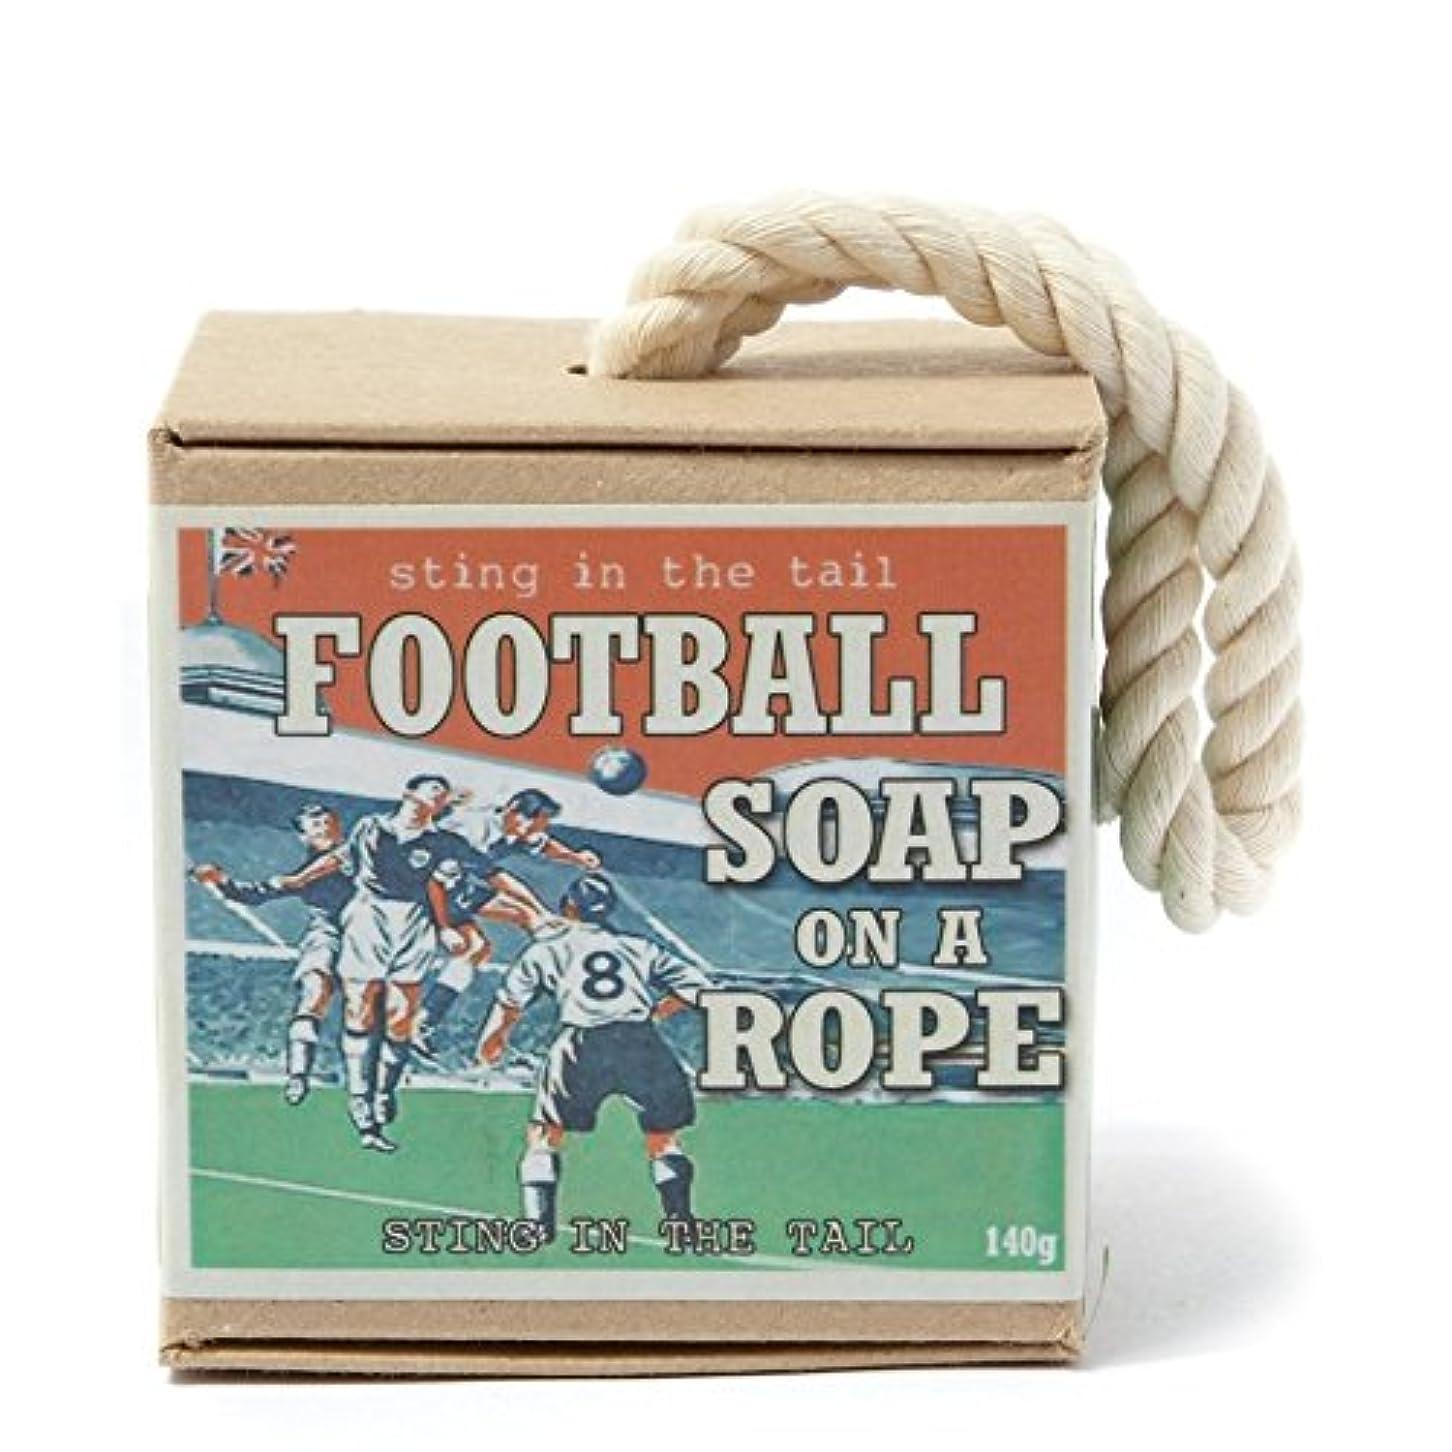 失うエステート高くSting In The Tail Football on a Rope Soap (Pack of 6) - ロープ石鹸のテールサッカーで刺します x6 [並行輸入品]